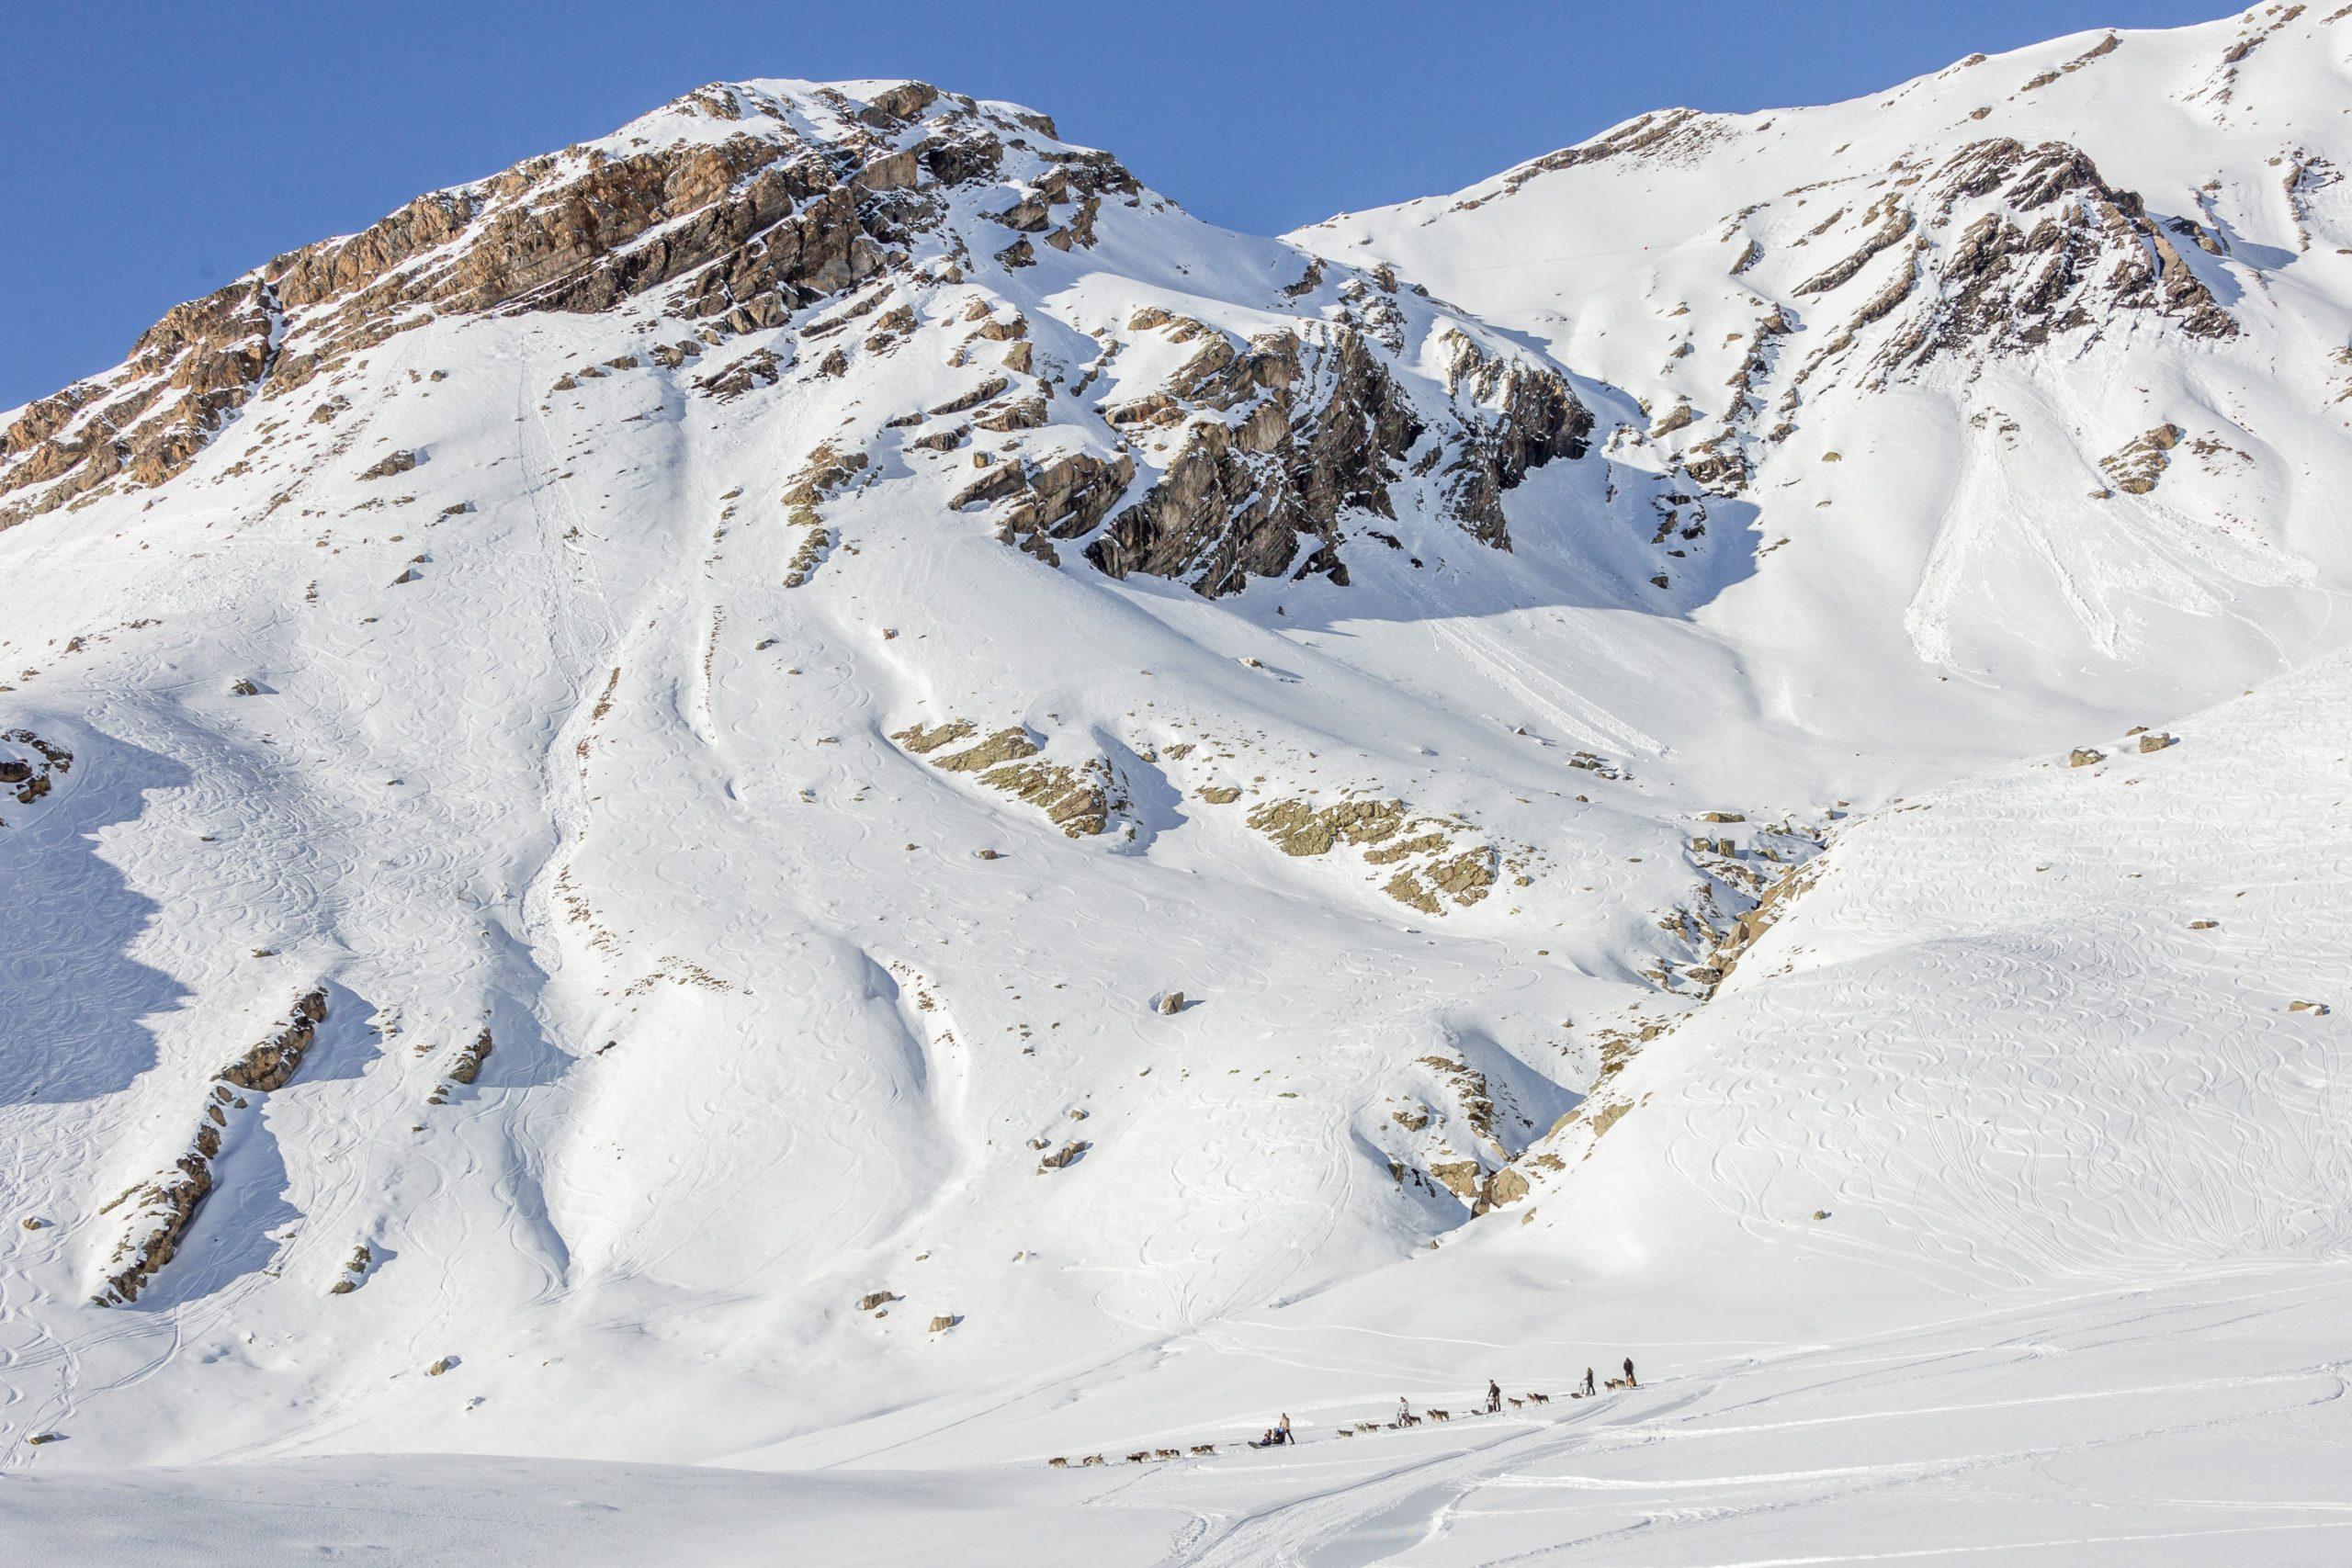 Randonnée aventure Alpi Traineau Orcieres Merlette 1850 Champsaur Hautes Alpes Alpi Traineau Chiens de traineaux